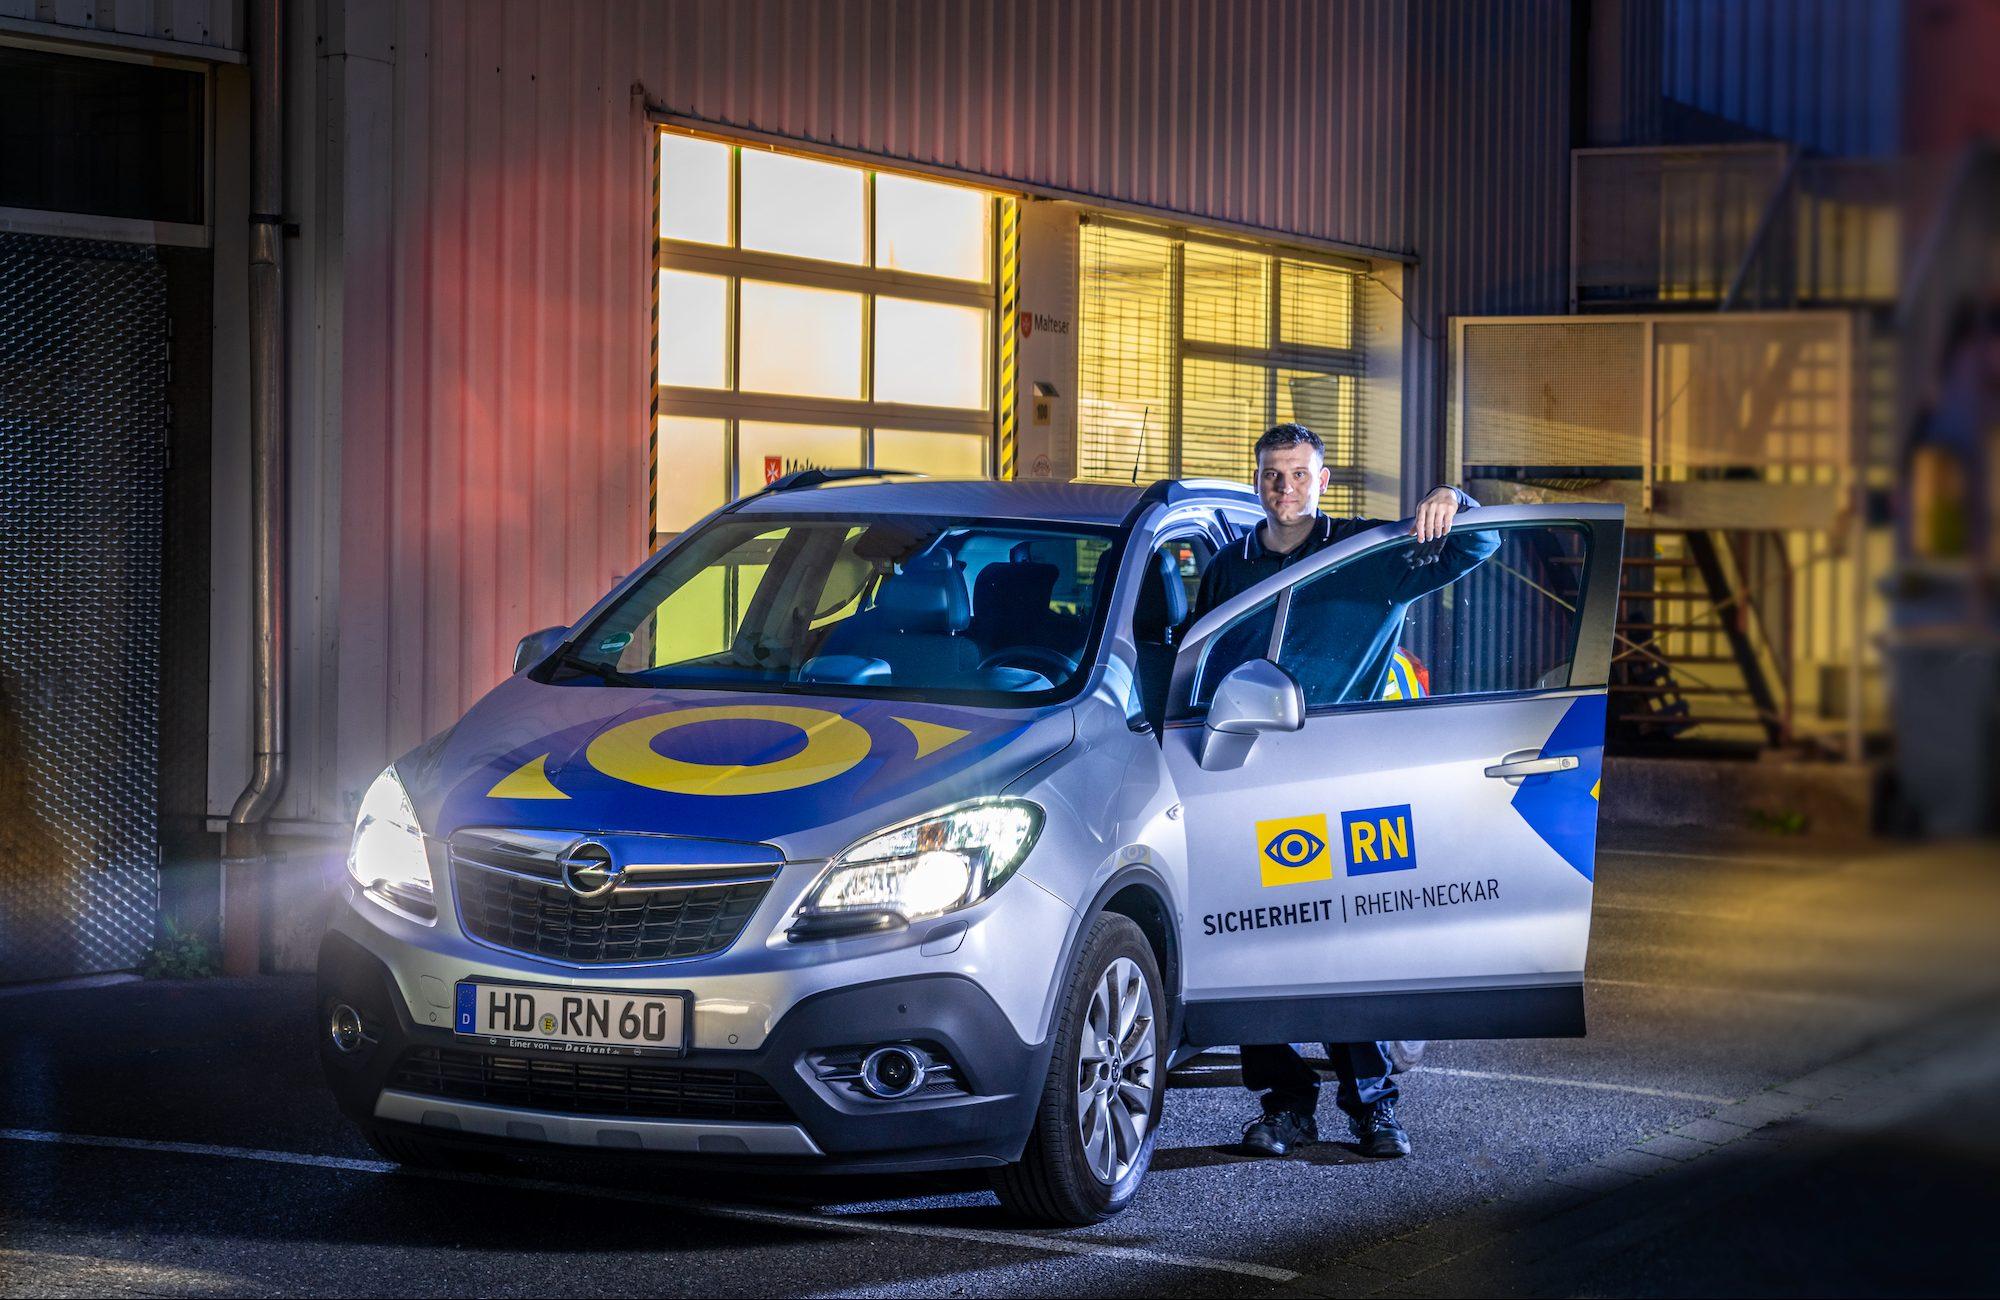 RN Sicherheit Rhein-Neckar GmbH